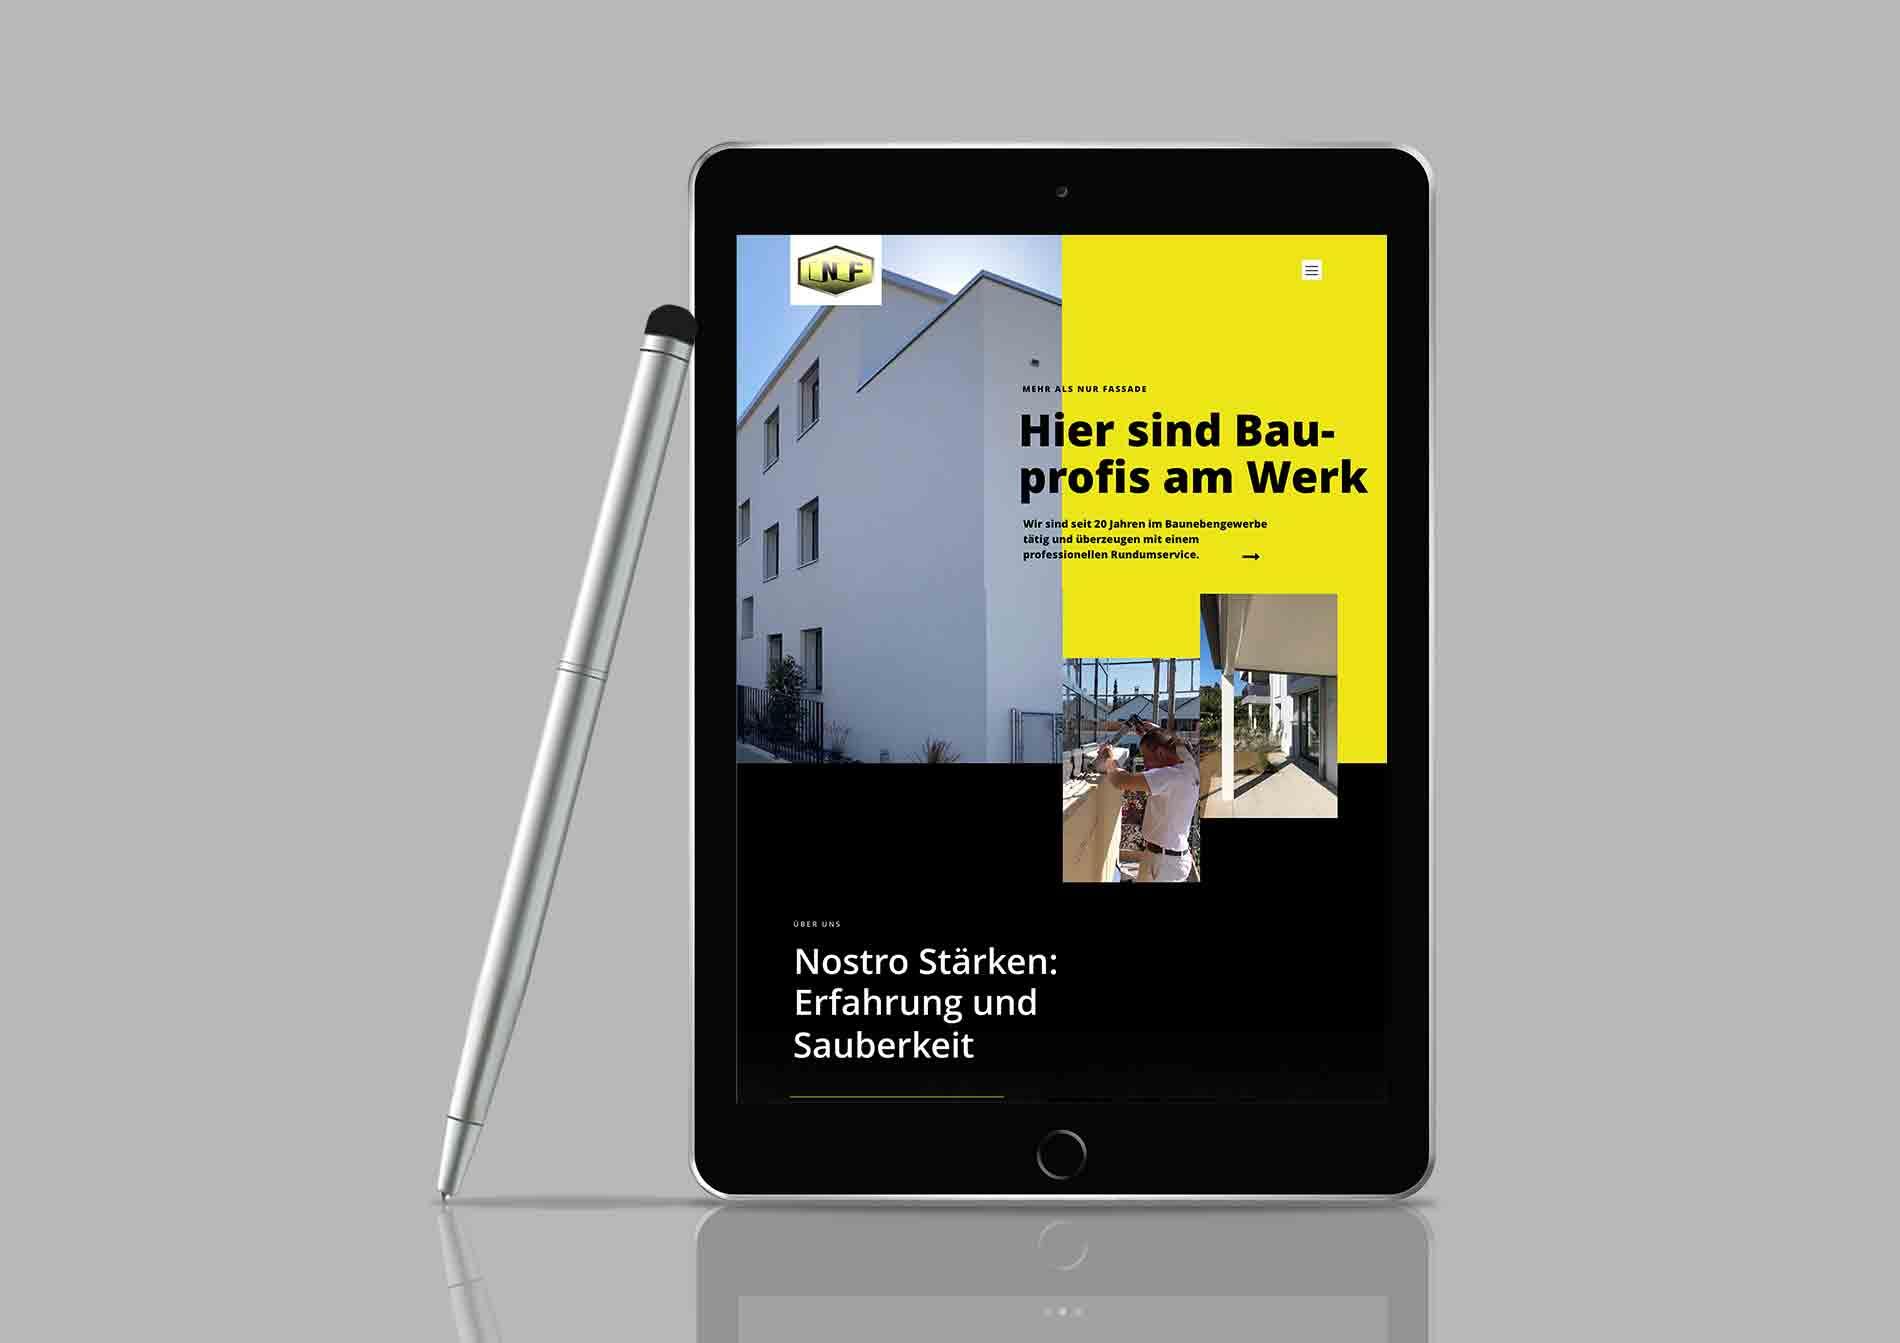 webdesign-nostrofassadenbau-wordpresswebsite-gigermiesch